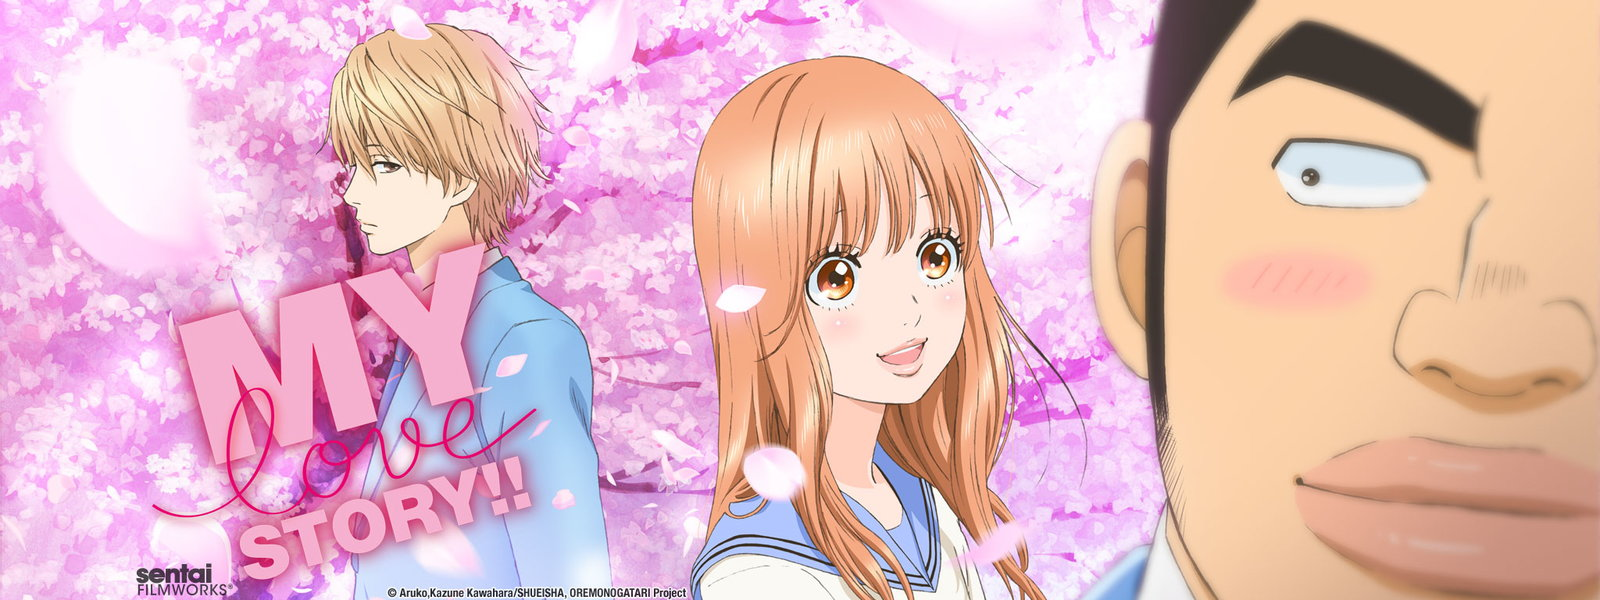 Manga Love Story Stream